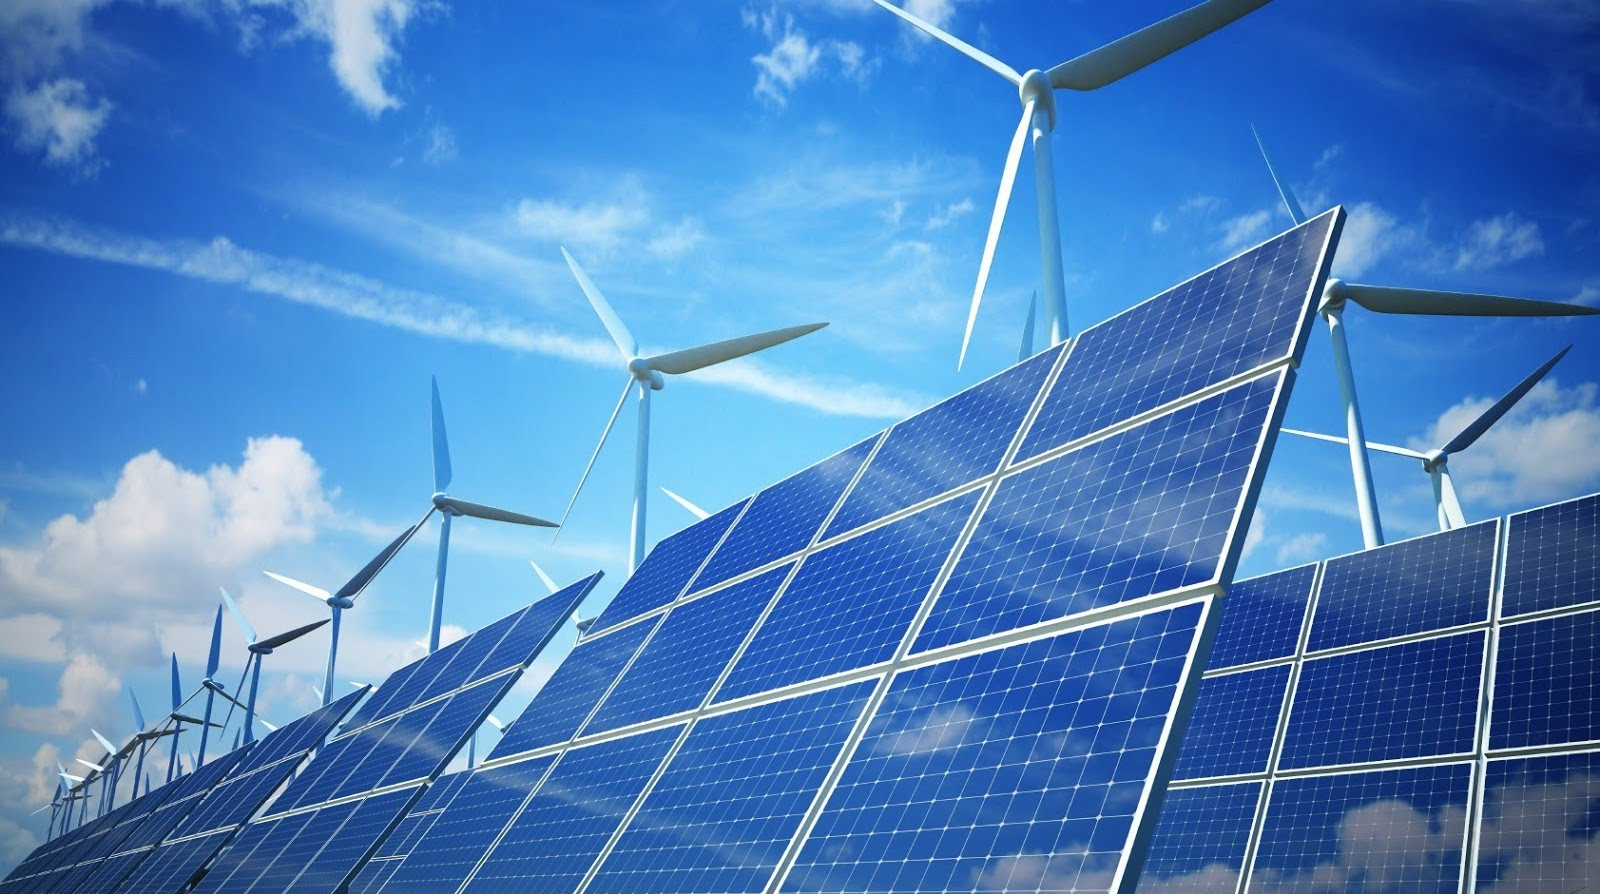 РФ начала вАрктике тестирования ветро-солнечной станции повыробатыванию электричества